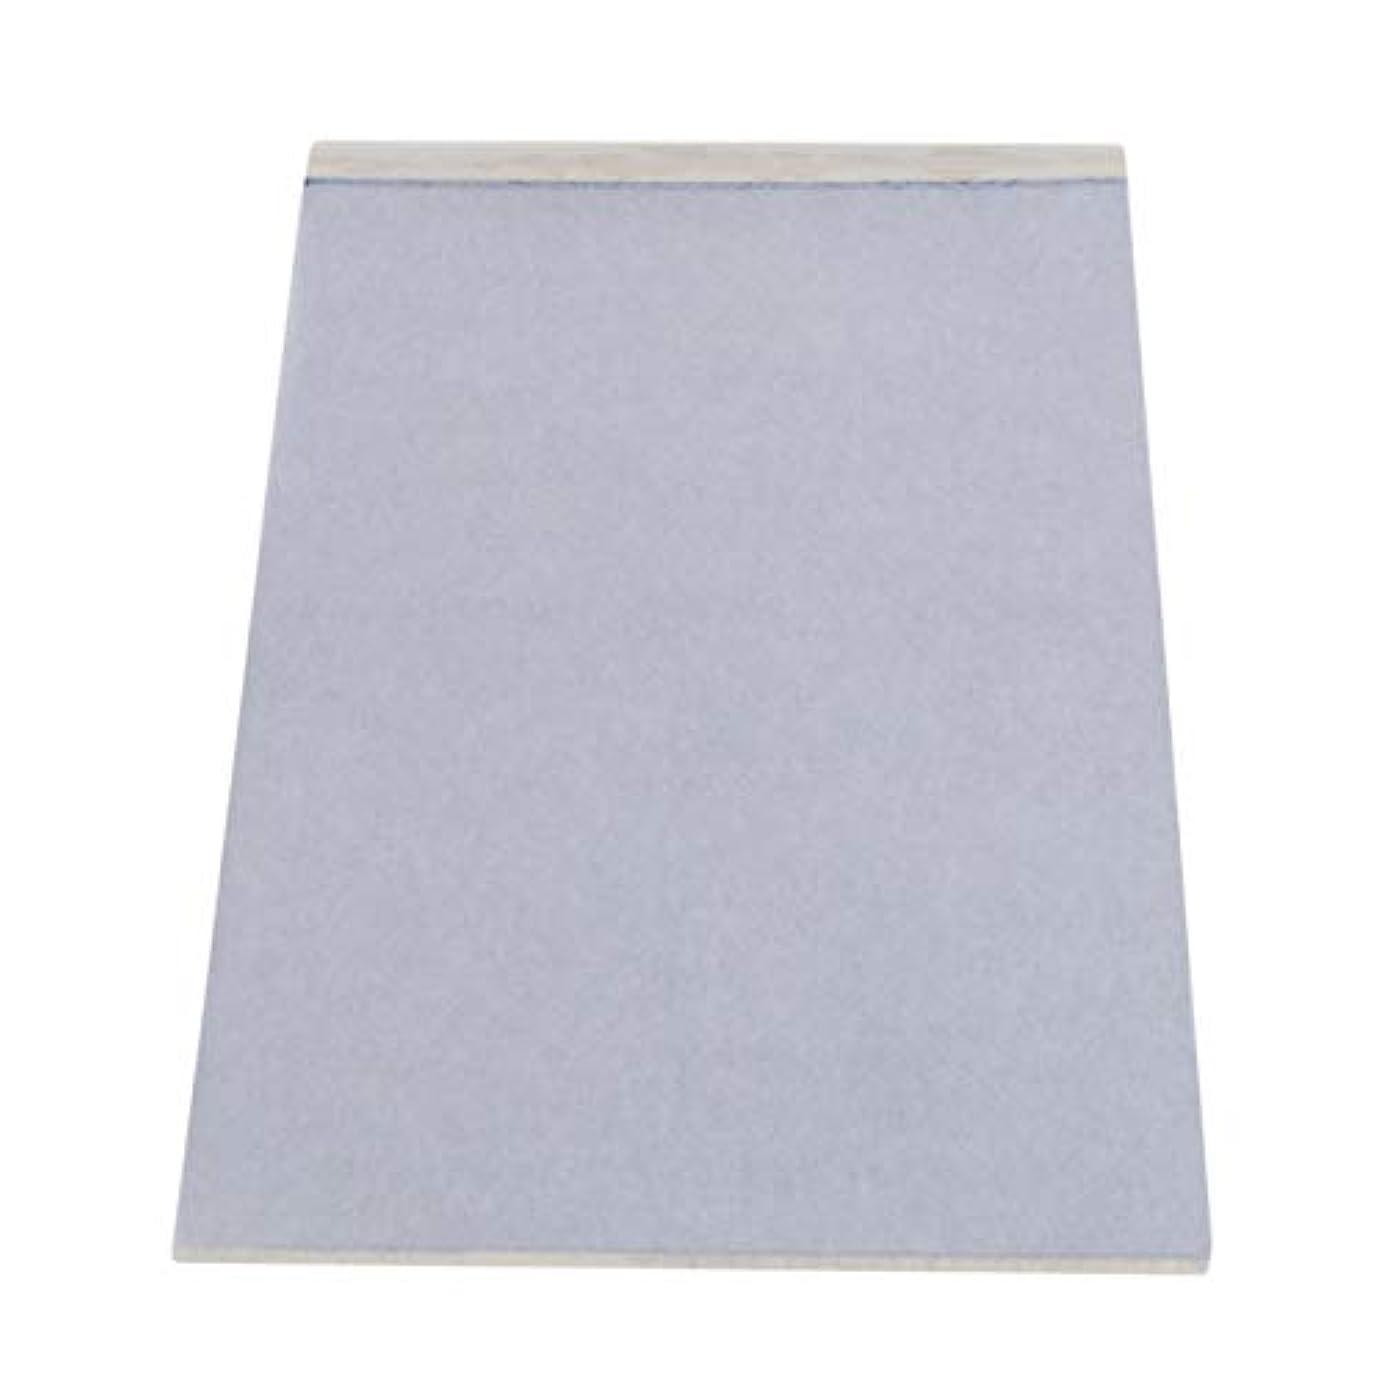 語ルーフお風呂を持っているBigsweety タトゥー 転写用紙 5枚セット ブルー1パック(50枚)タトゥー転写紙 プロのタトゥーツール